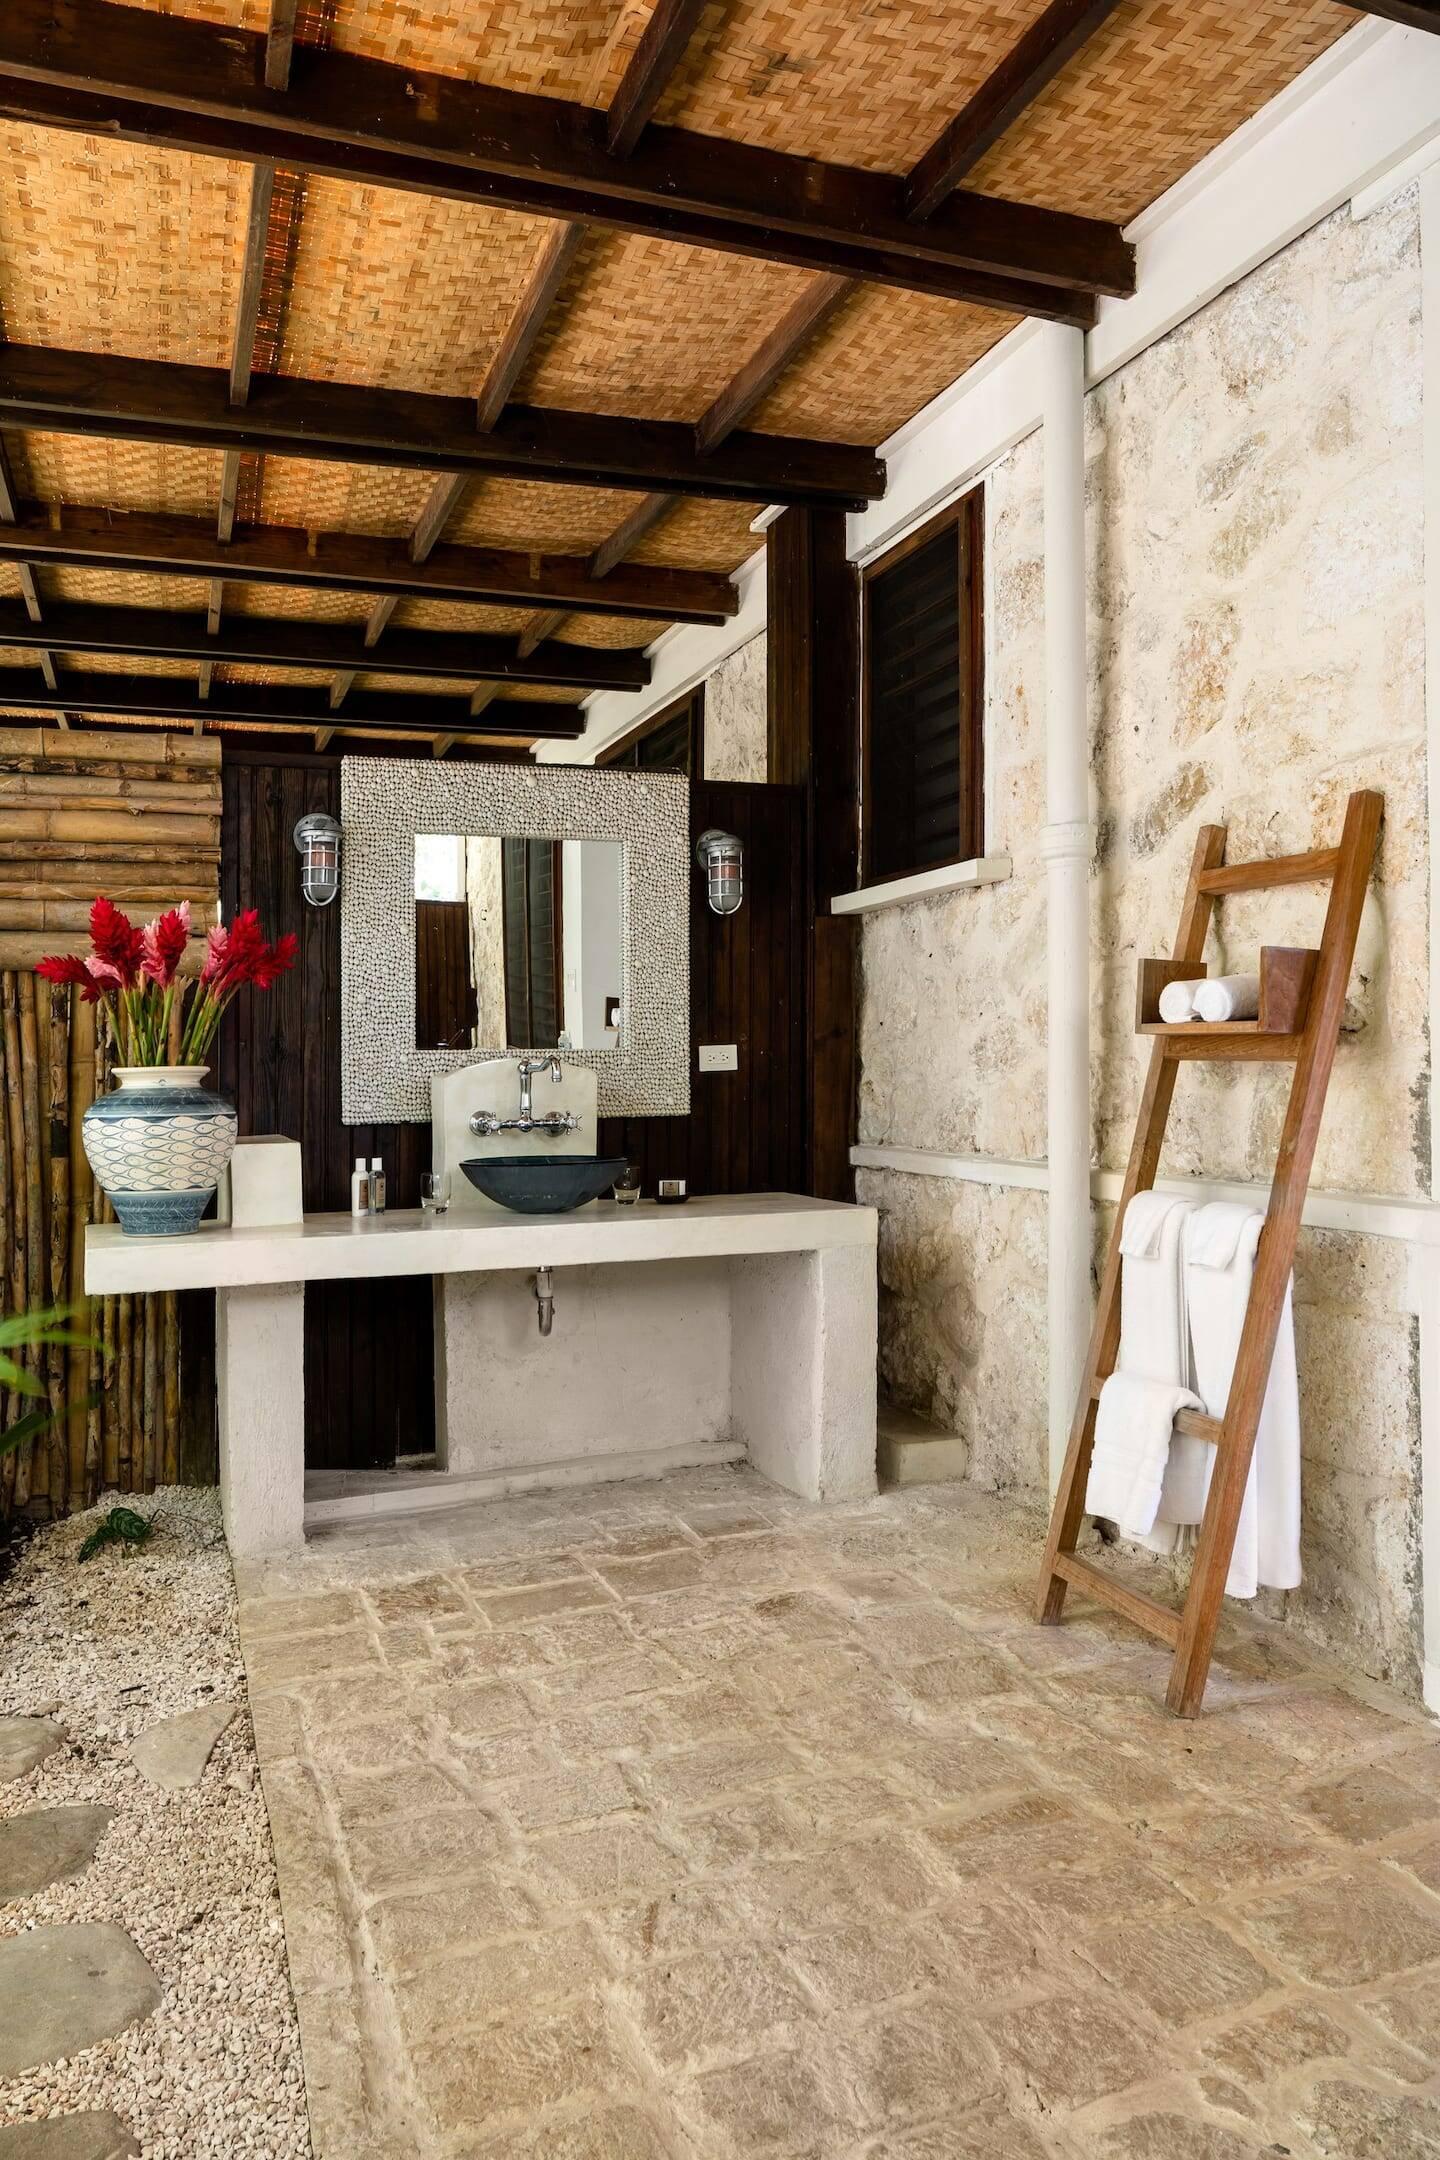 Esta villa é onde Ian Fleming escreveu a maioria dos romances de James Bond. Foto: Airbnb